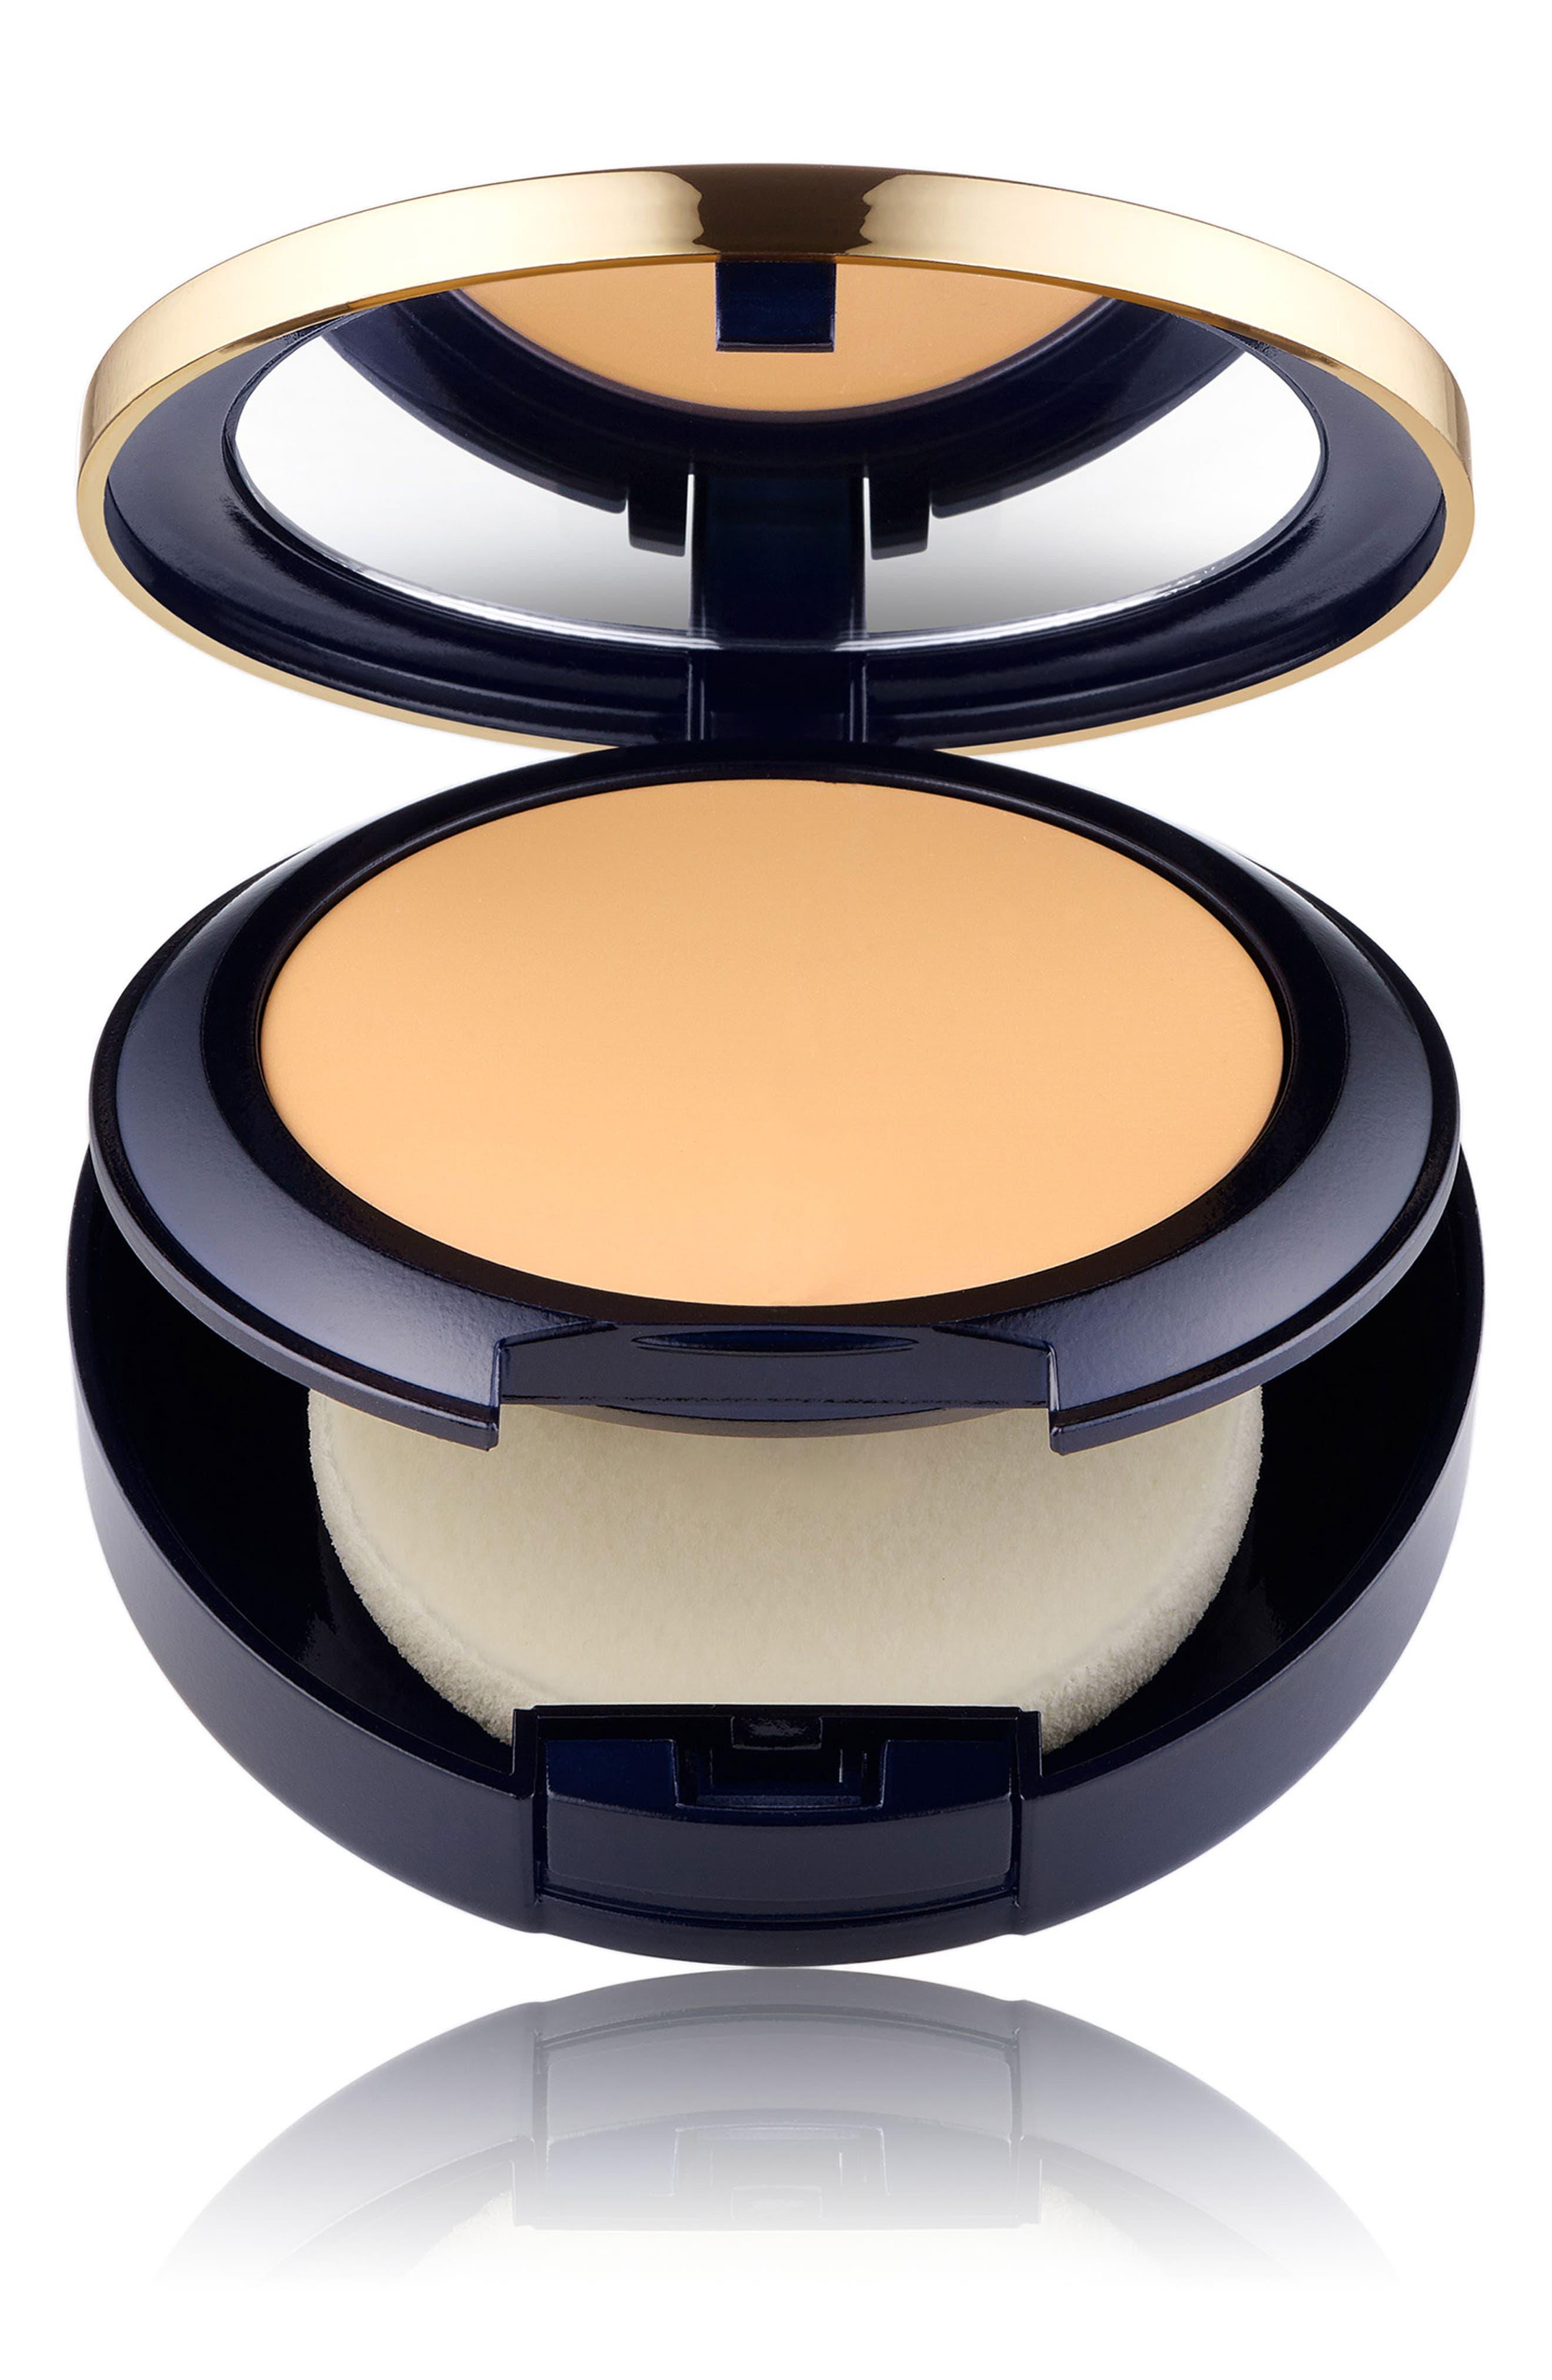 Estee Lauder Double Wear Stay In Place Matte Powder Foundation - 4 Hazel